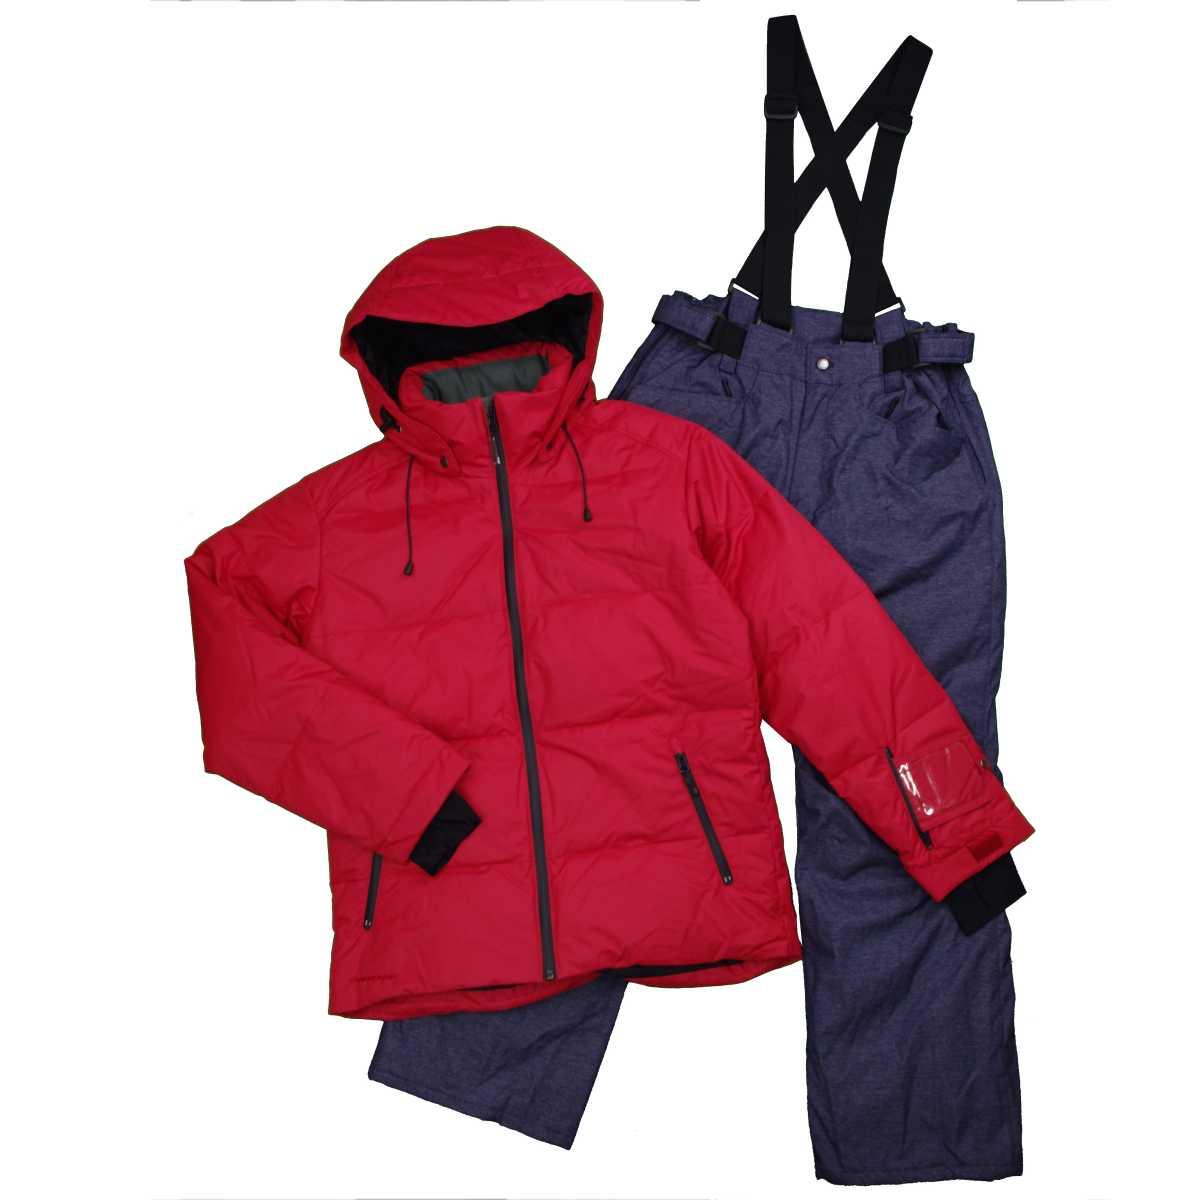 メンズ オンヨネ スキーウェア上下セット 耐水圧:10,000mm ダウンジャケット ウエア サンプル品 (レッド/デニム Lサイズ) メンズ スキーウェア 全5色